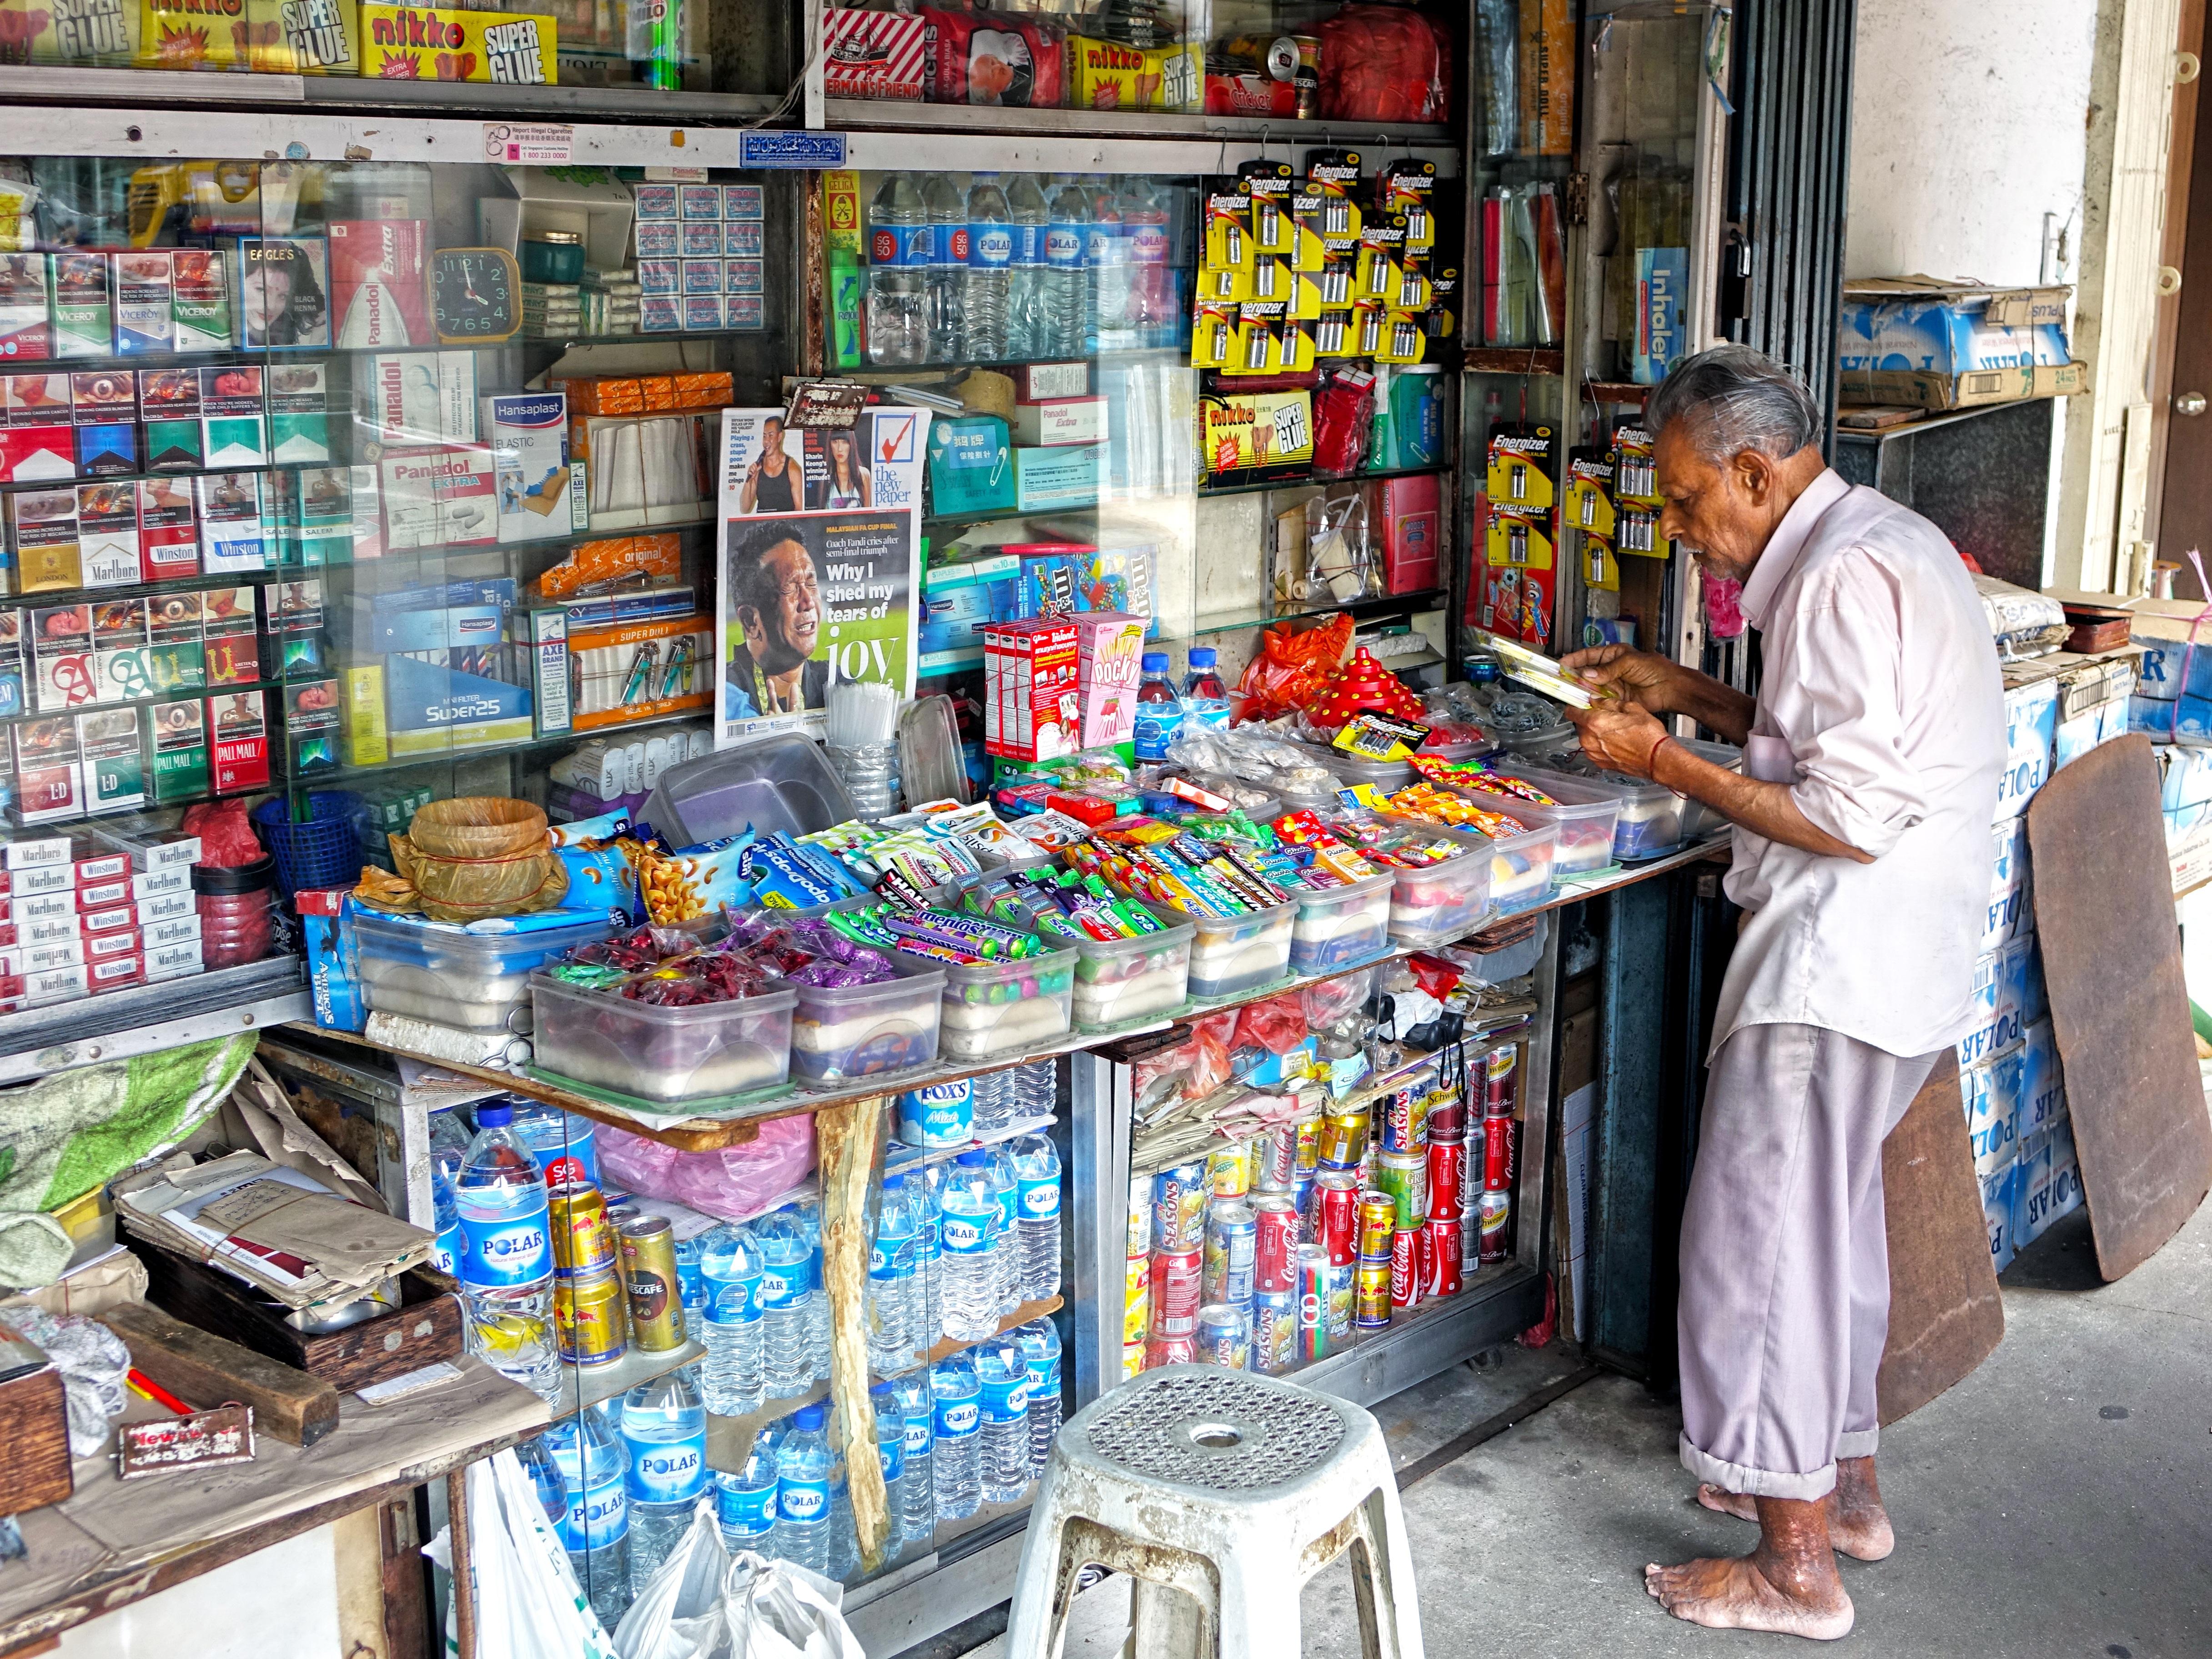 Gambar Makanan Penjaja Pasar Permen Kios Rokok